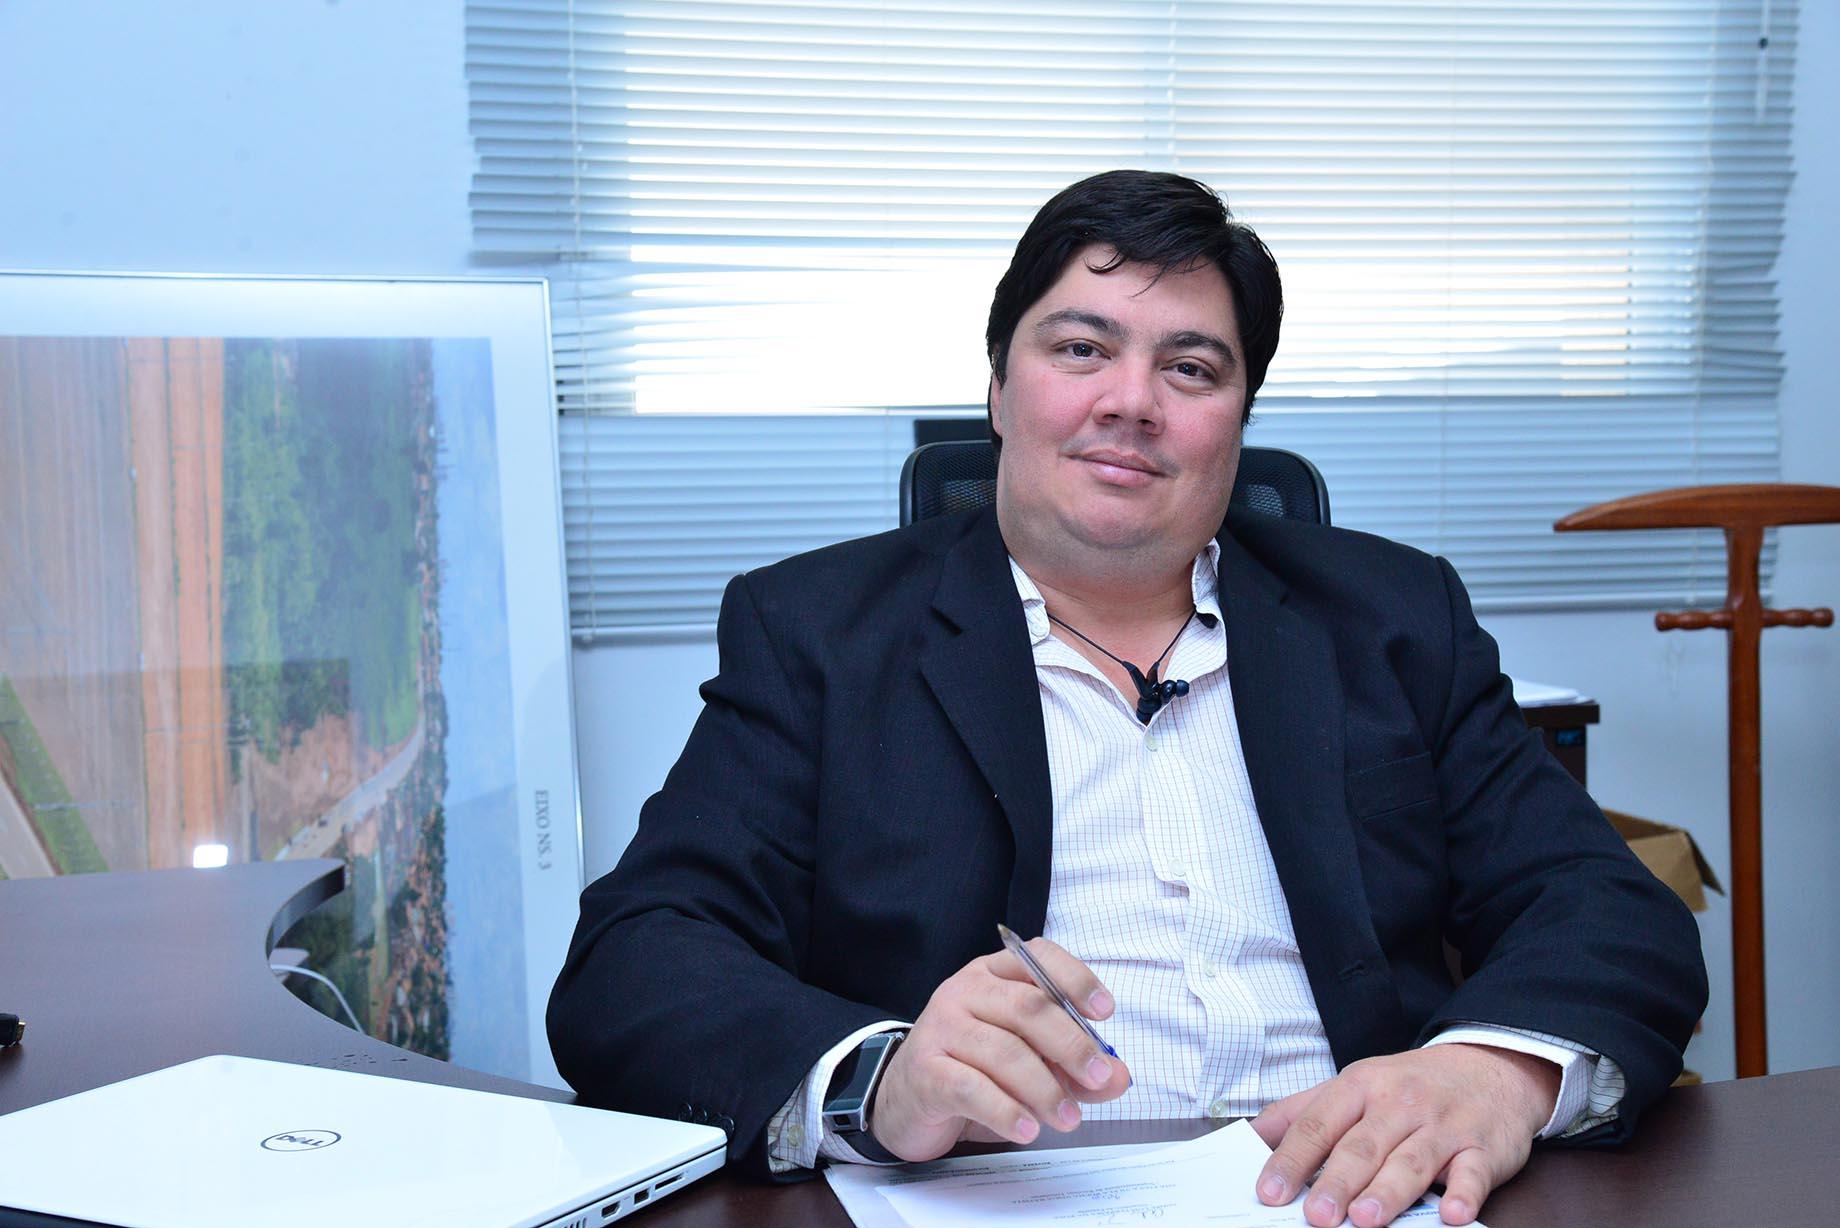 Prefeitura de Aparecida vai bancar juro para empr�stimo a pequenas empresas